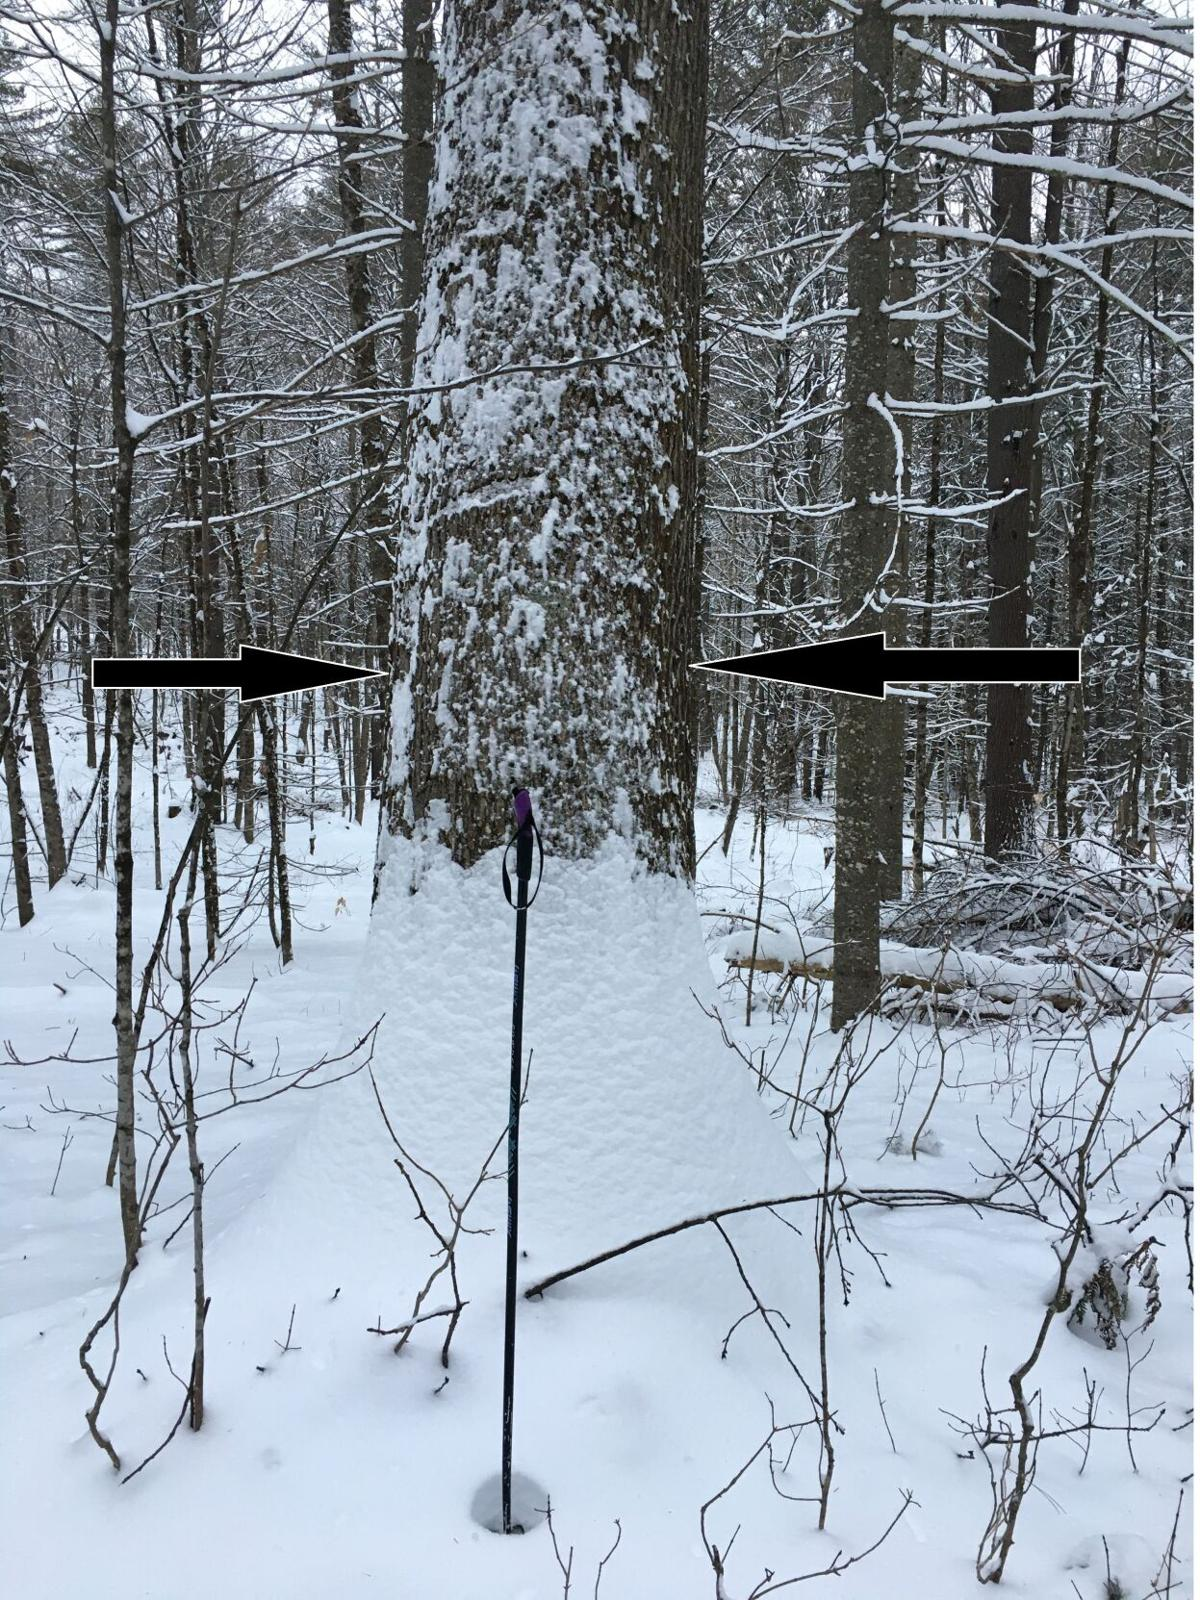 Oak 30 in Arrows.jpg